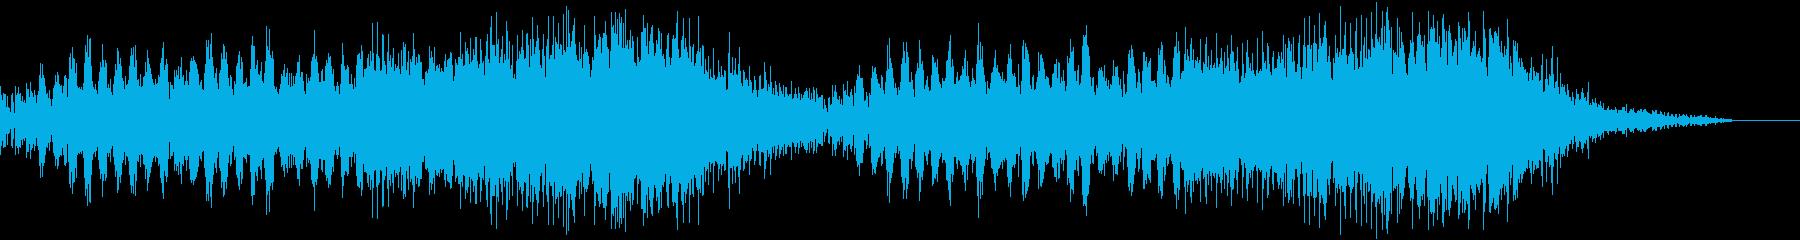 雨をイメージした幻想的な曲の再生済みの波形